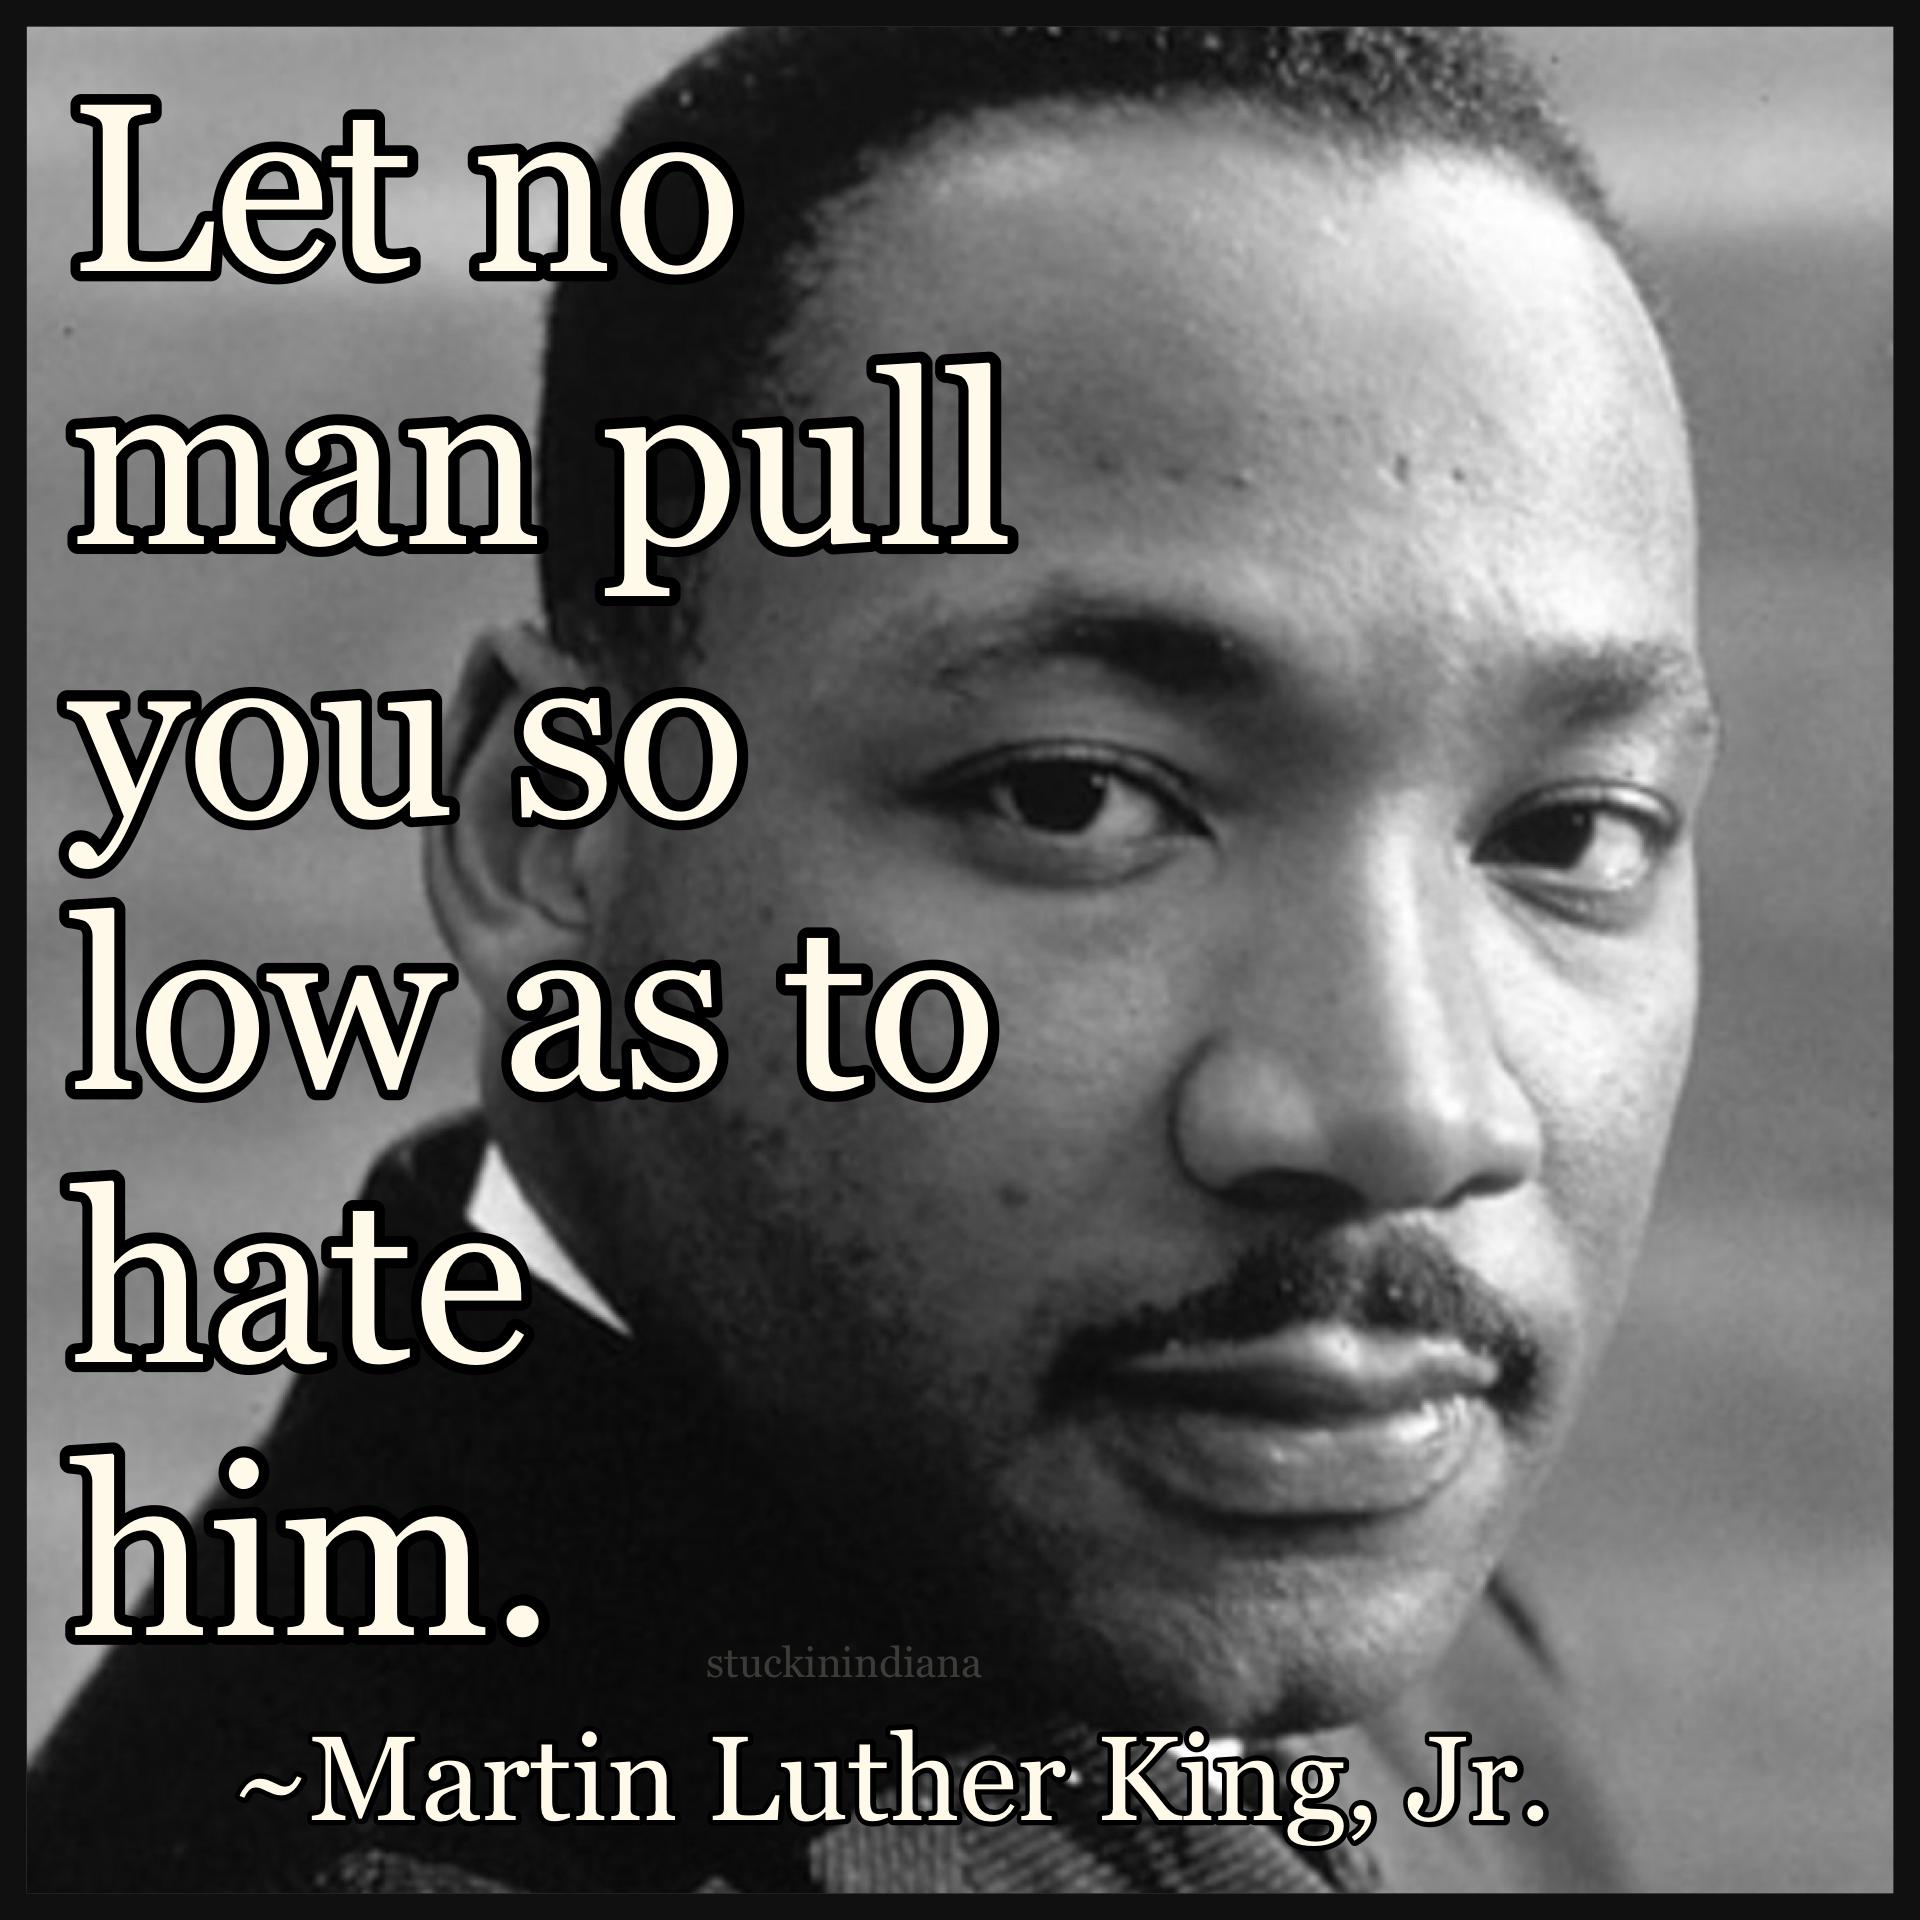 Prima Zitate Martin Luther King Best Lustige Bilder